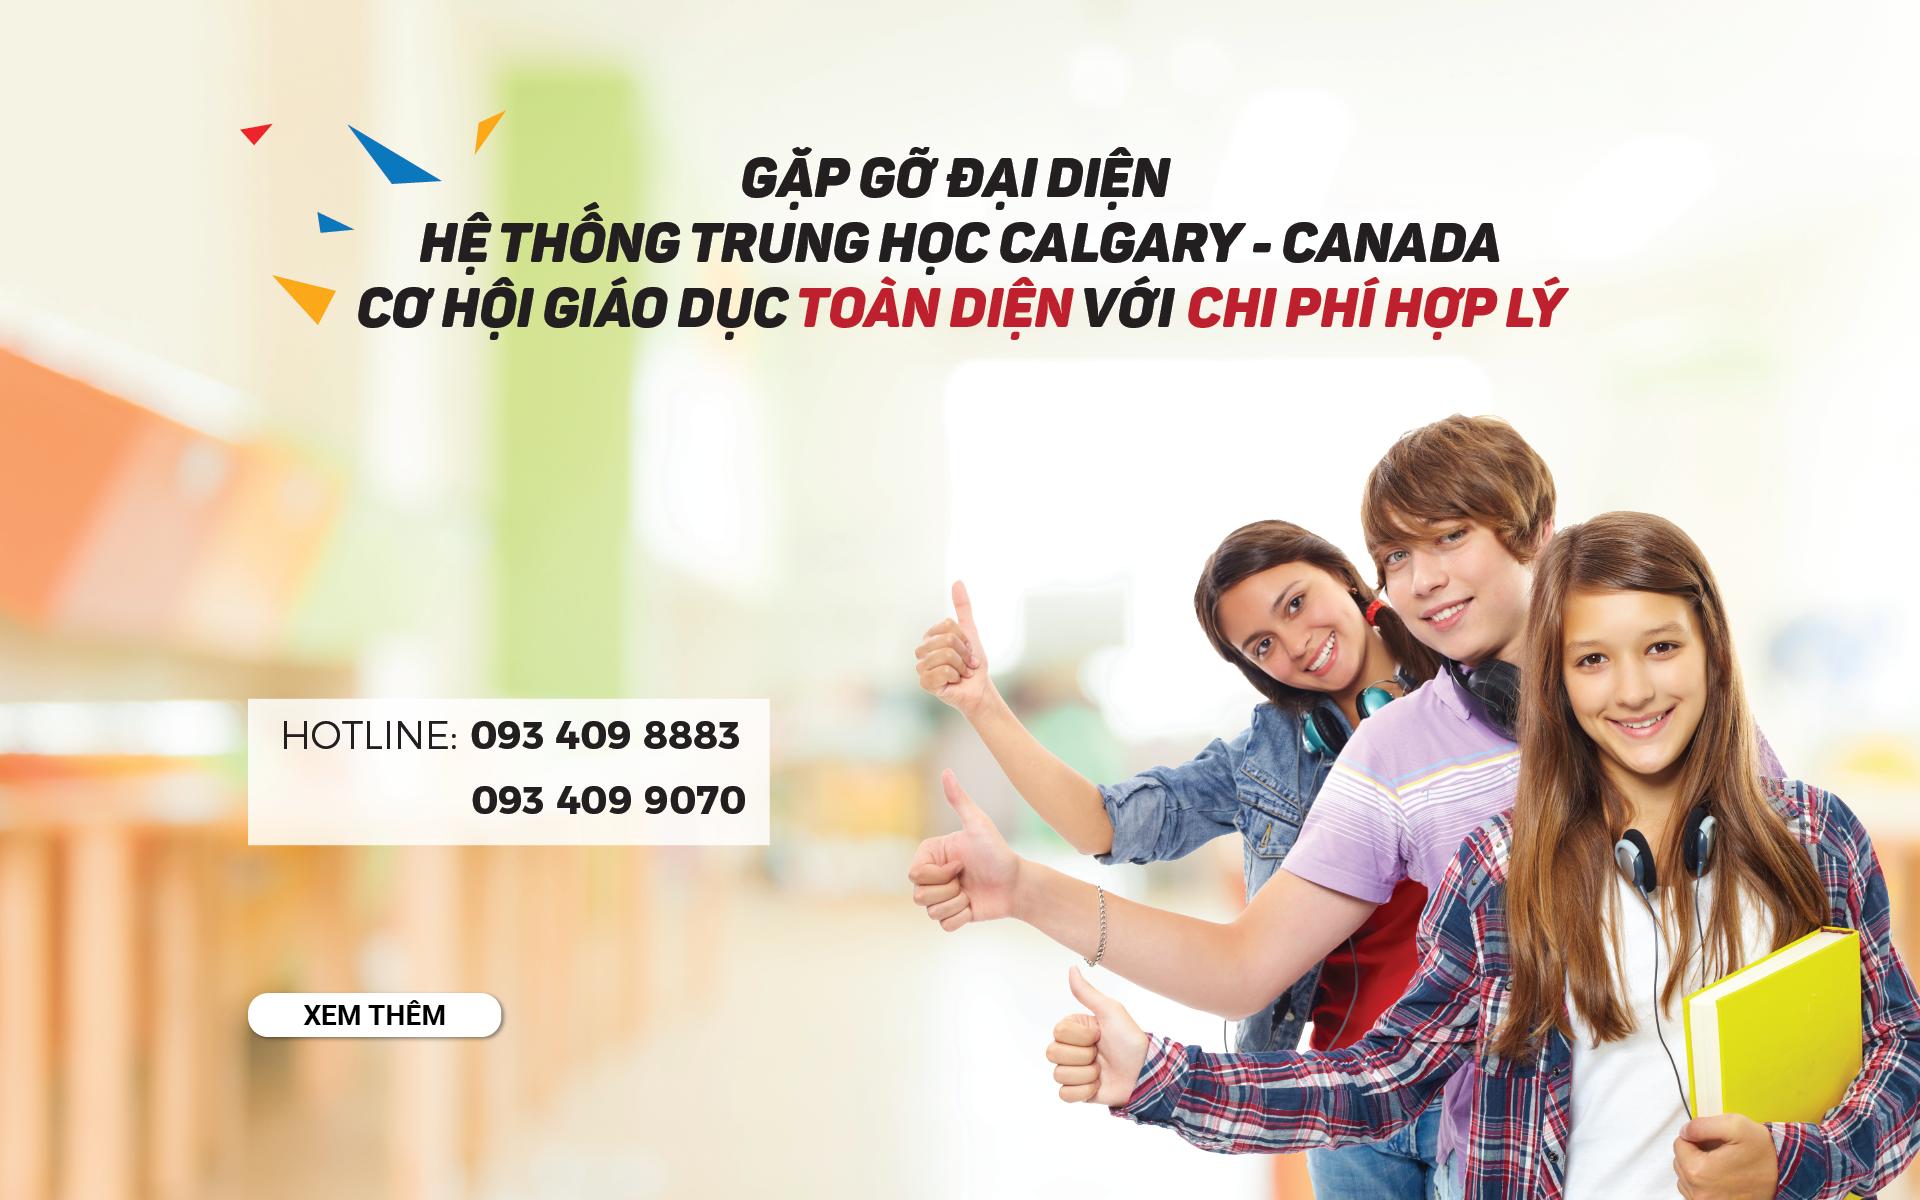 Hội thảo Trung học Calgary: Top đầu Canada về chương trình giáo dục toàn diện cho học viên quốc tế